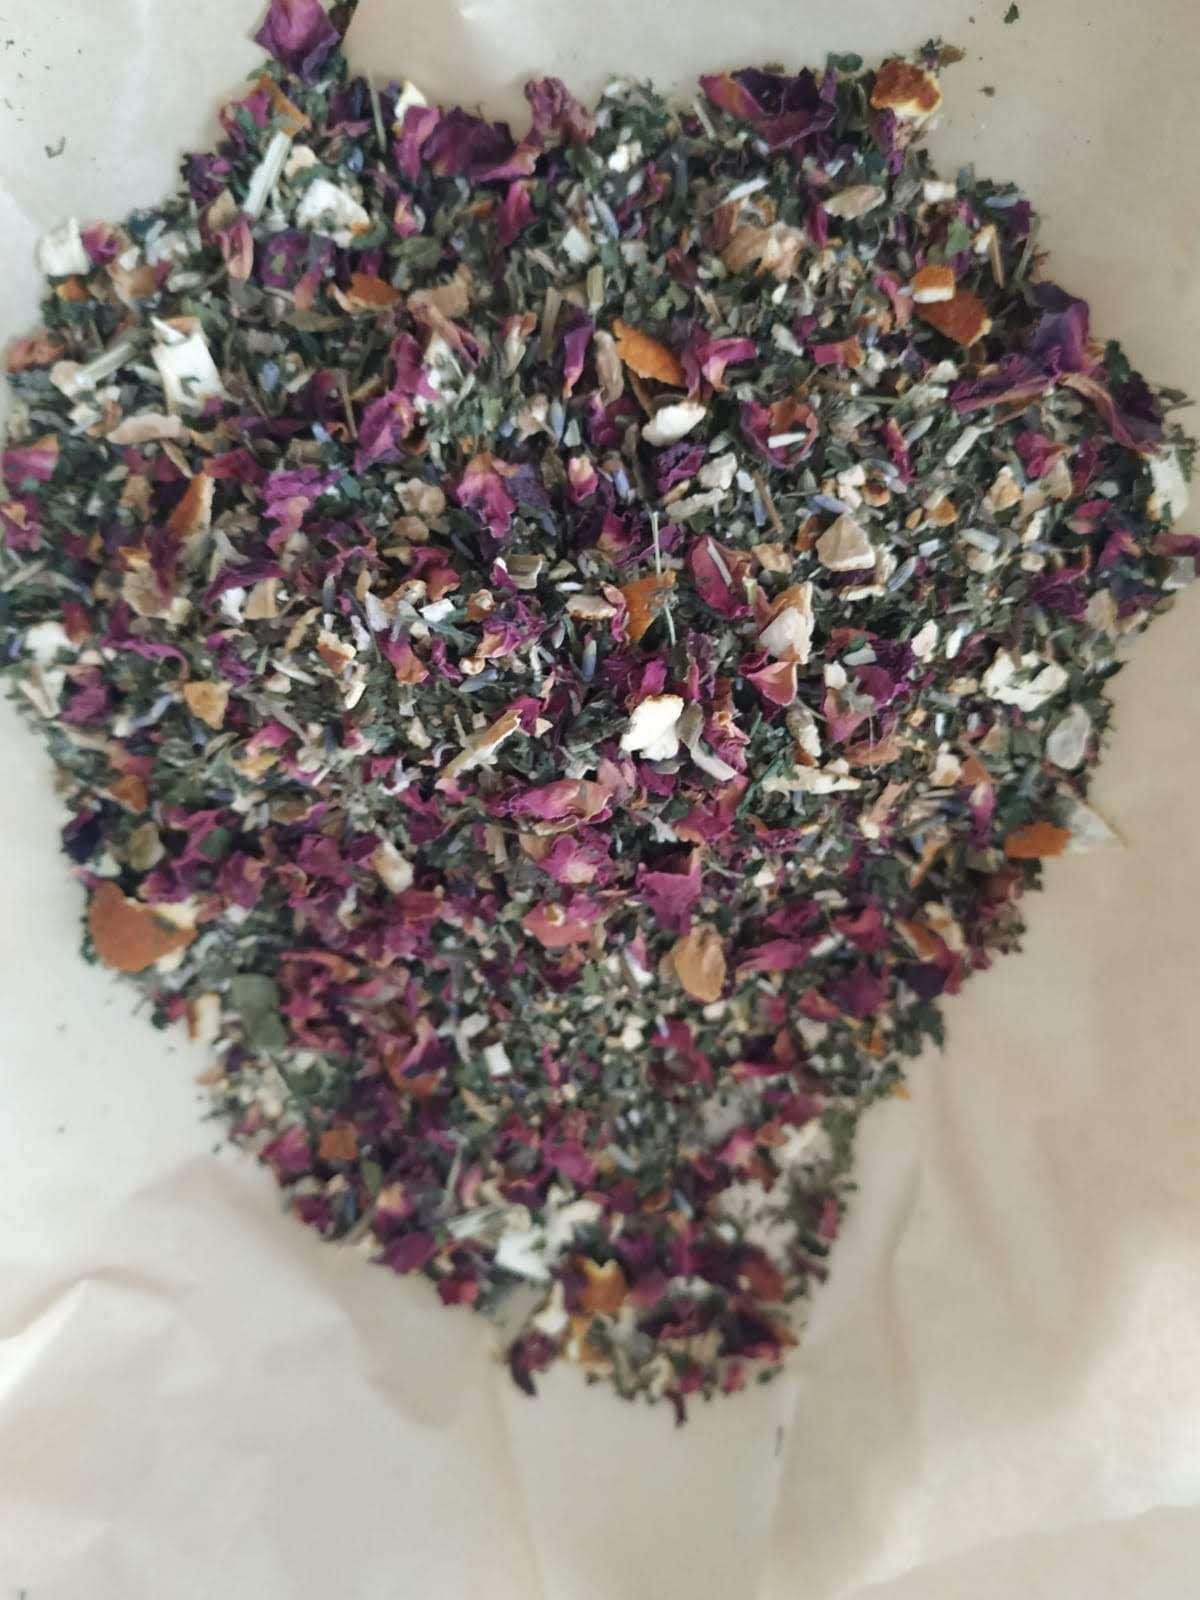 Organic V-STEAM herbs